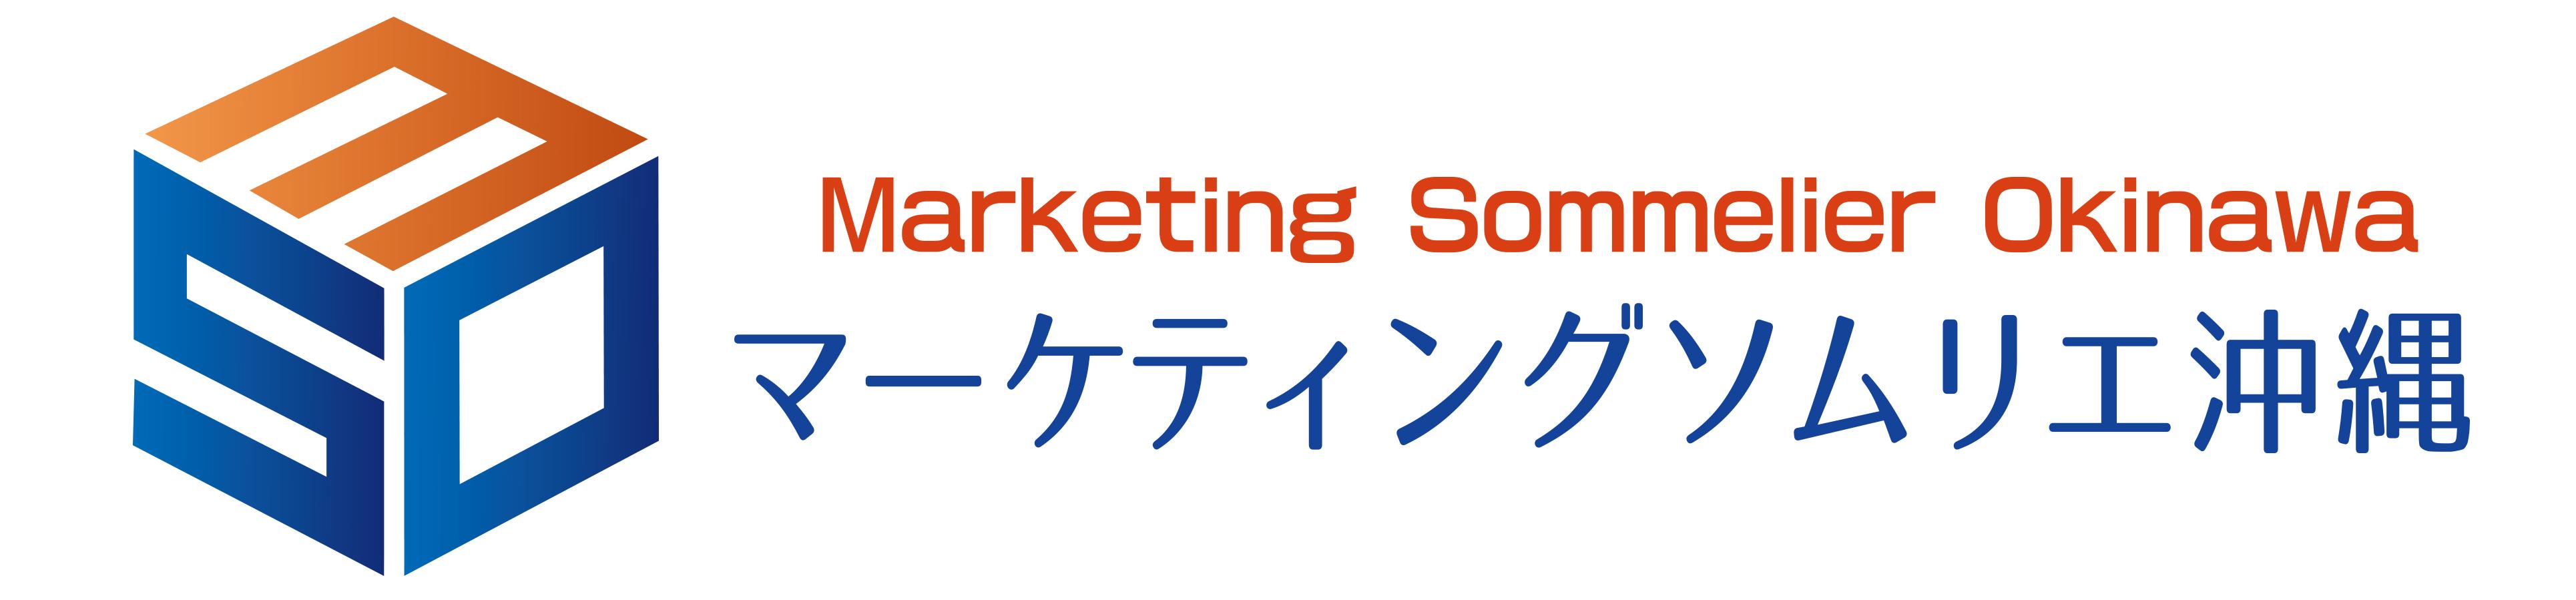 沖縄のマーケティングコンサルティング会社